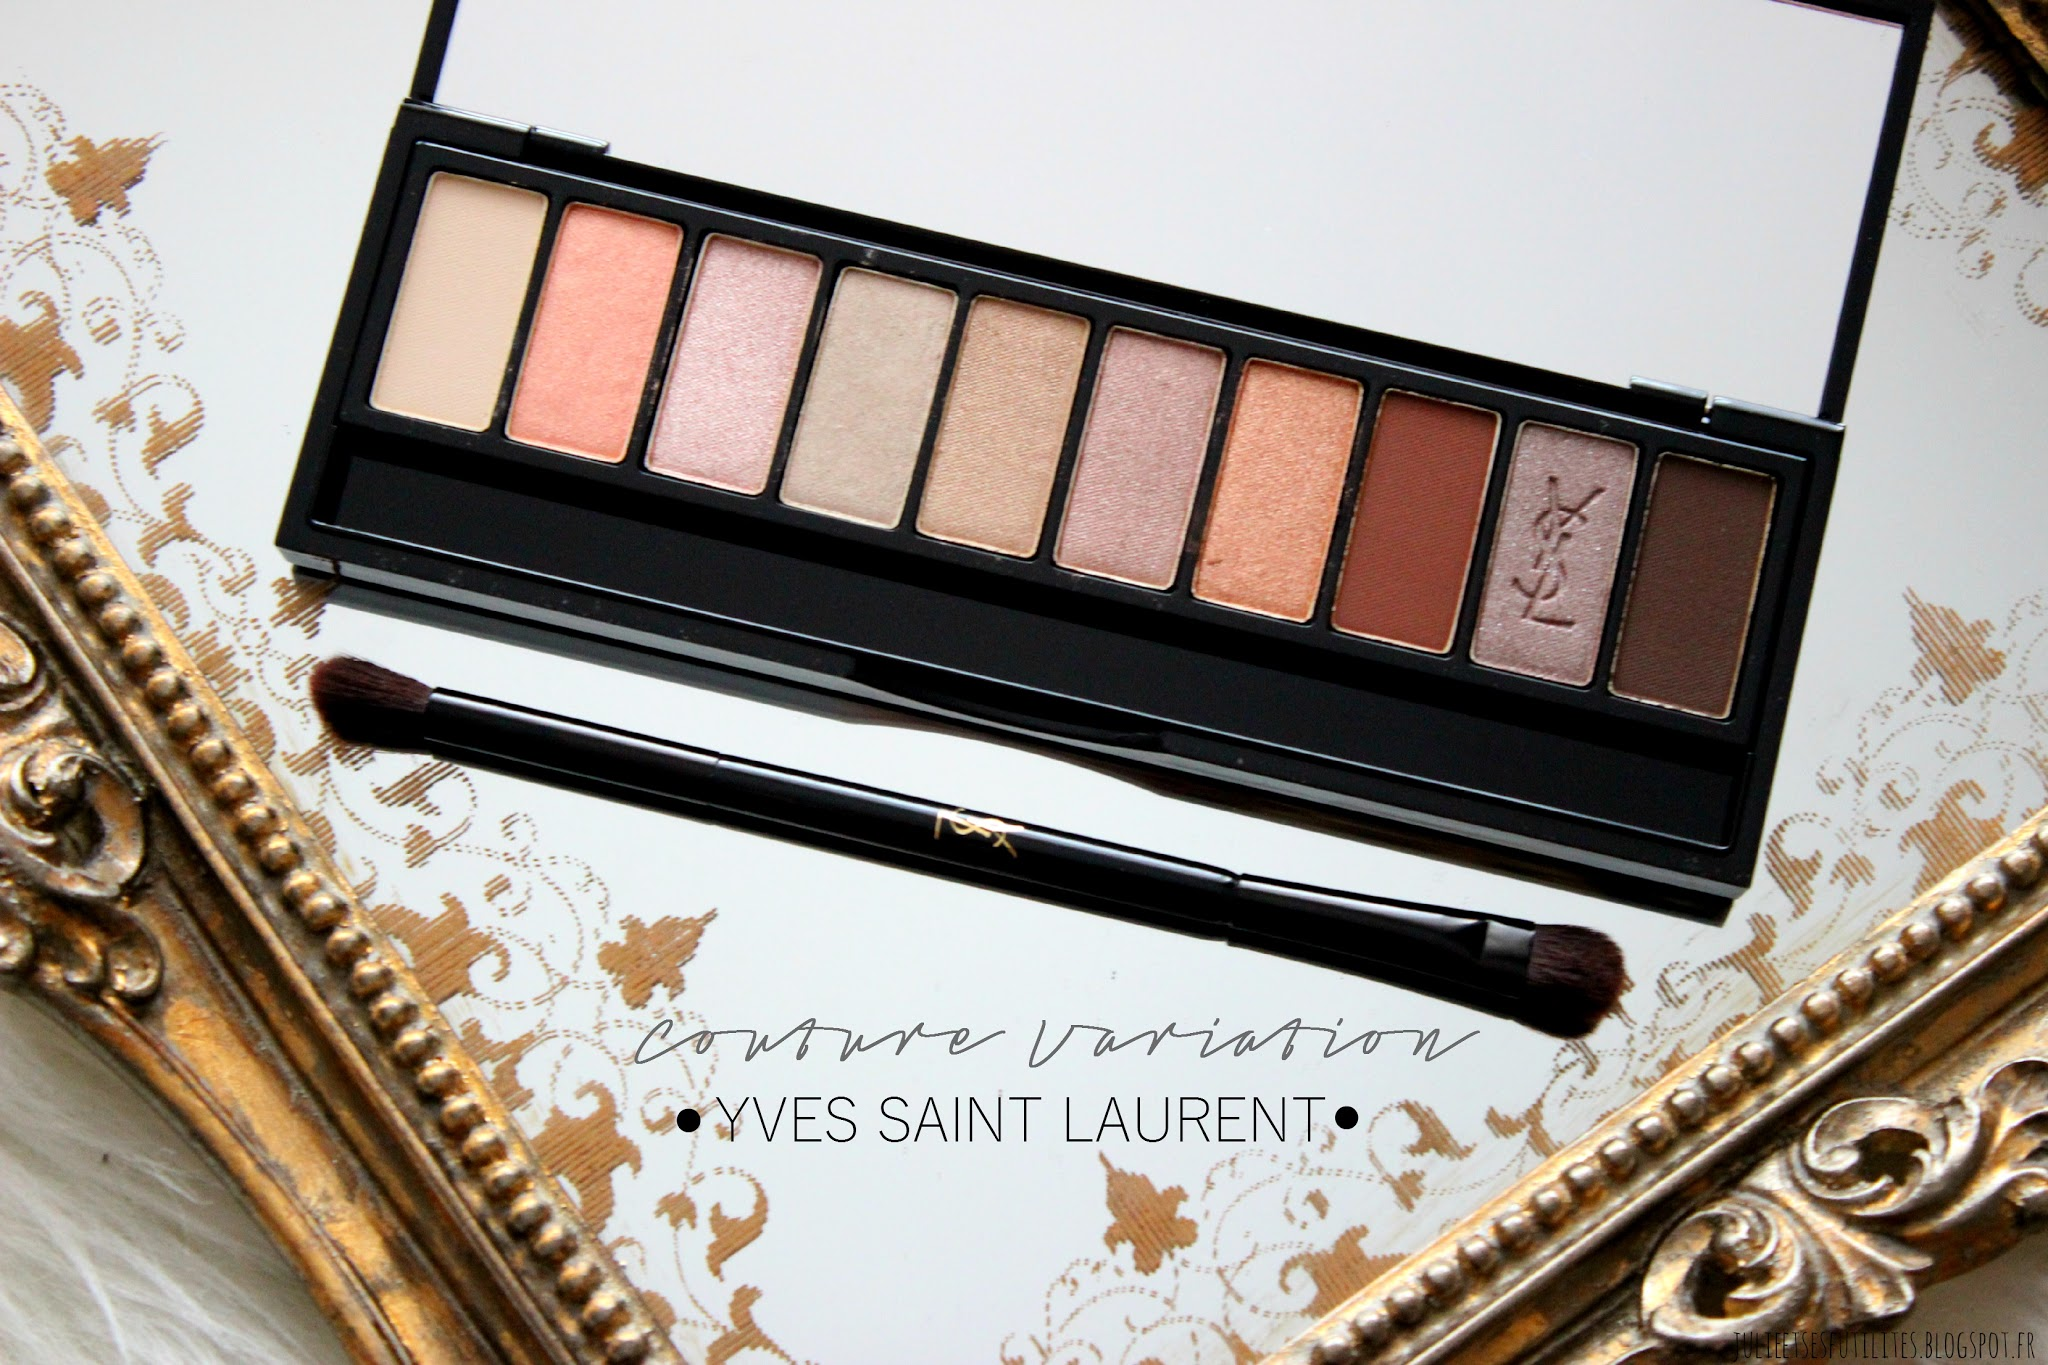 Revue et Makeup: la palette Couture Variation de Yves Saint Laurent julieetsesfutilites.blogspot.fr